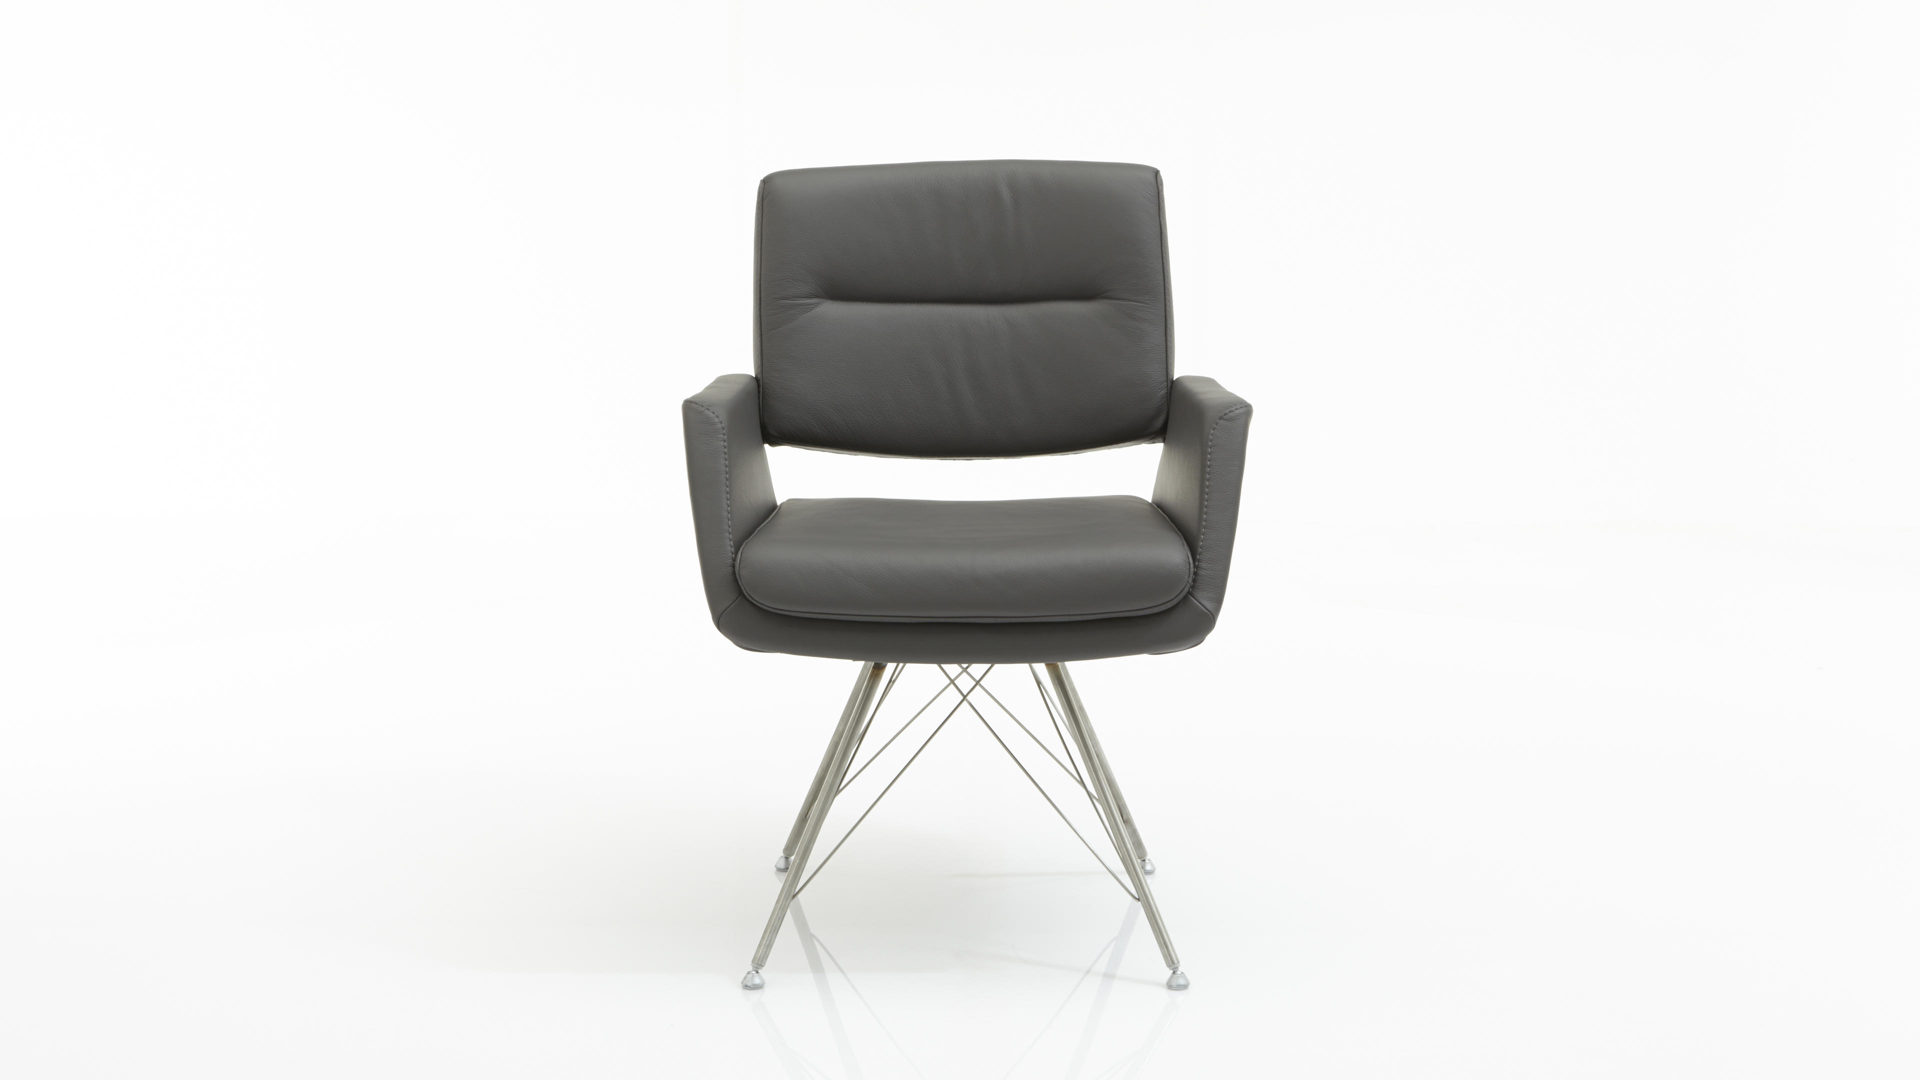 Möbel Eilers Apen, Räume, Esszimmer, Stühle + Bänke, Combinessa ...